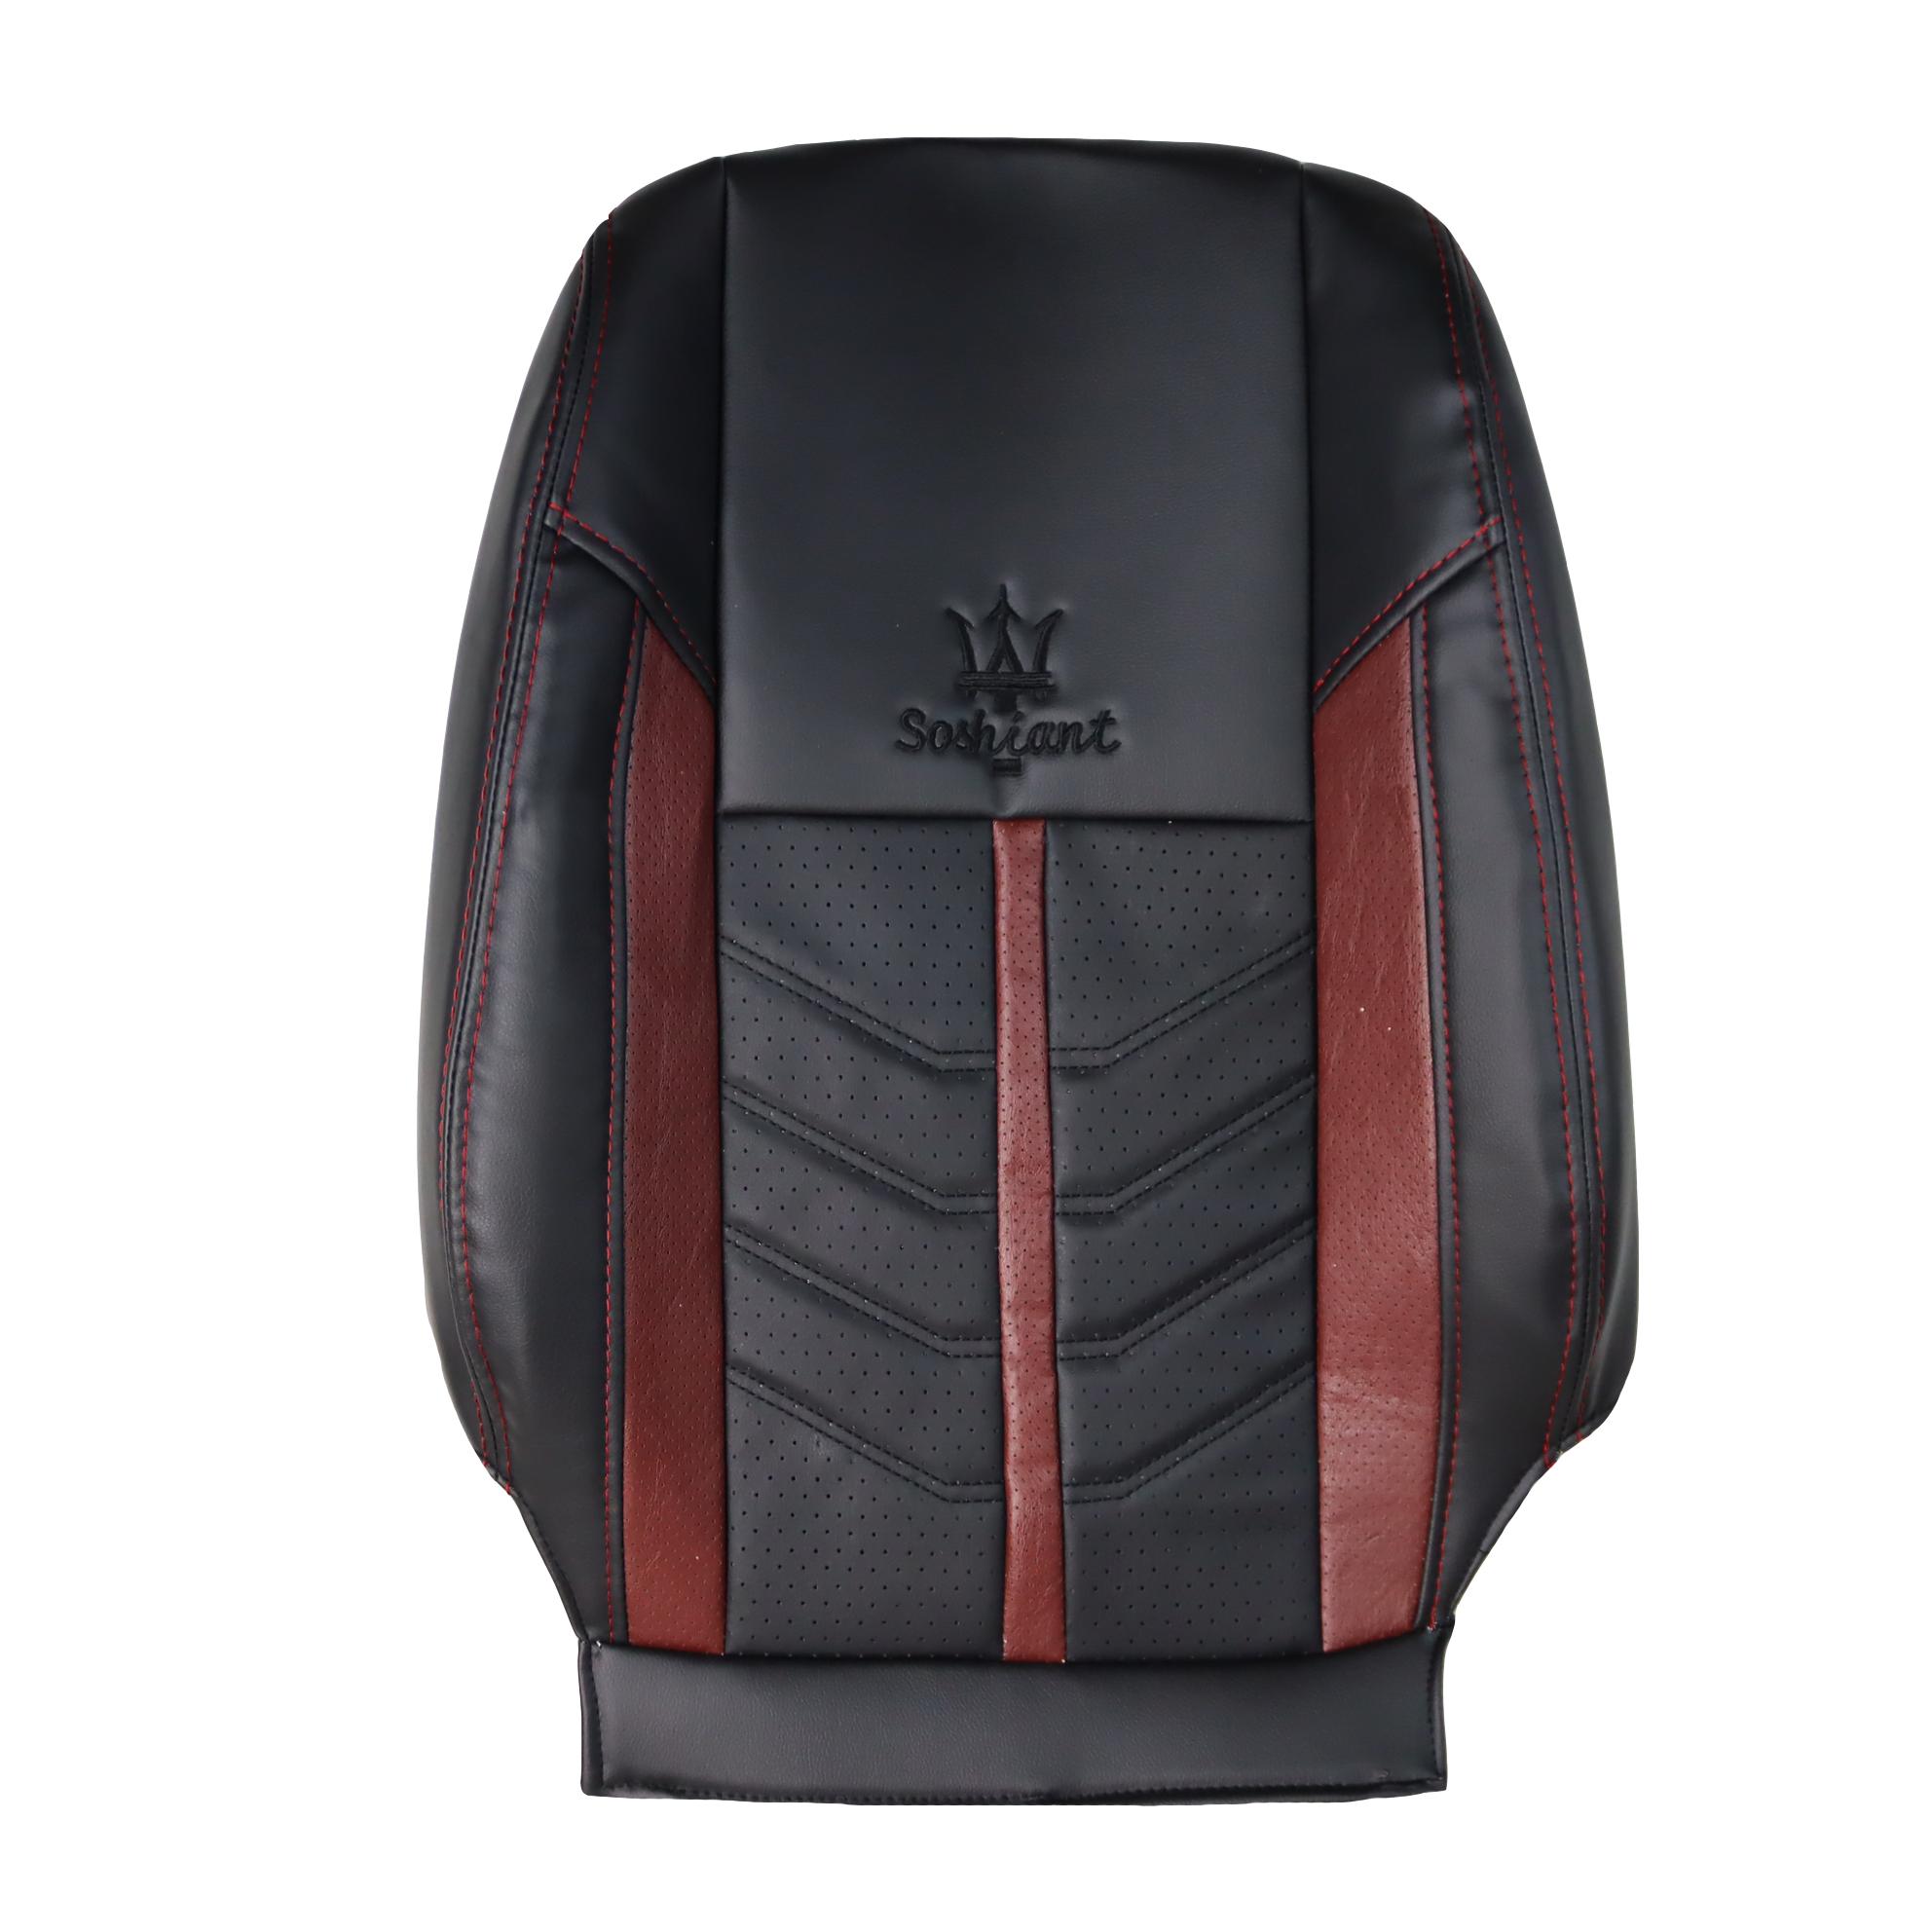 روکش صندلی خودرو سوشیانت مدل A67 مناسب برای تیبا 2